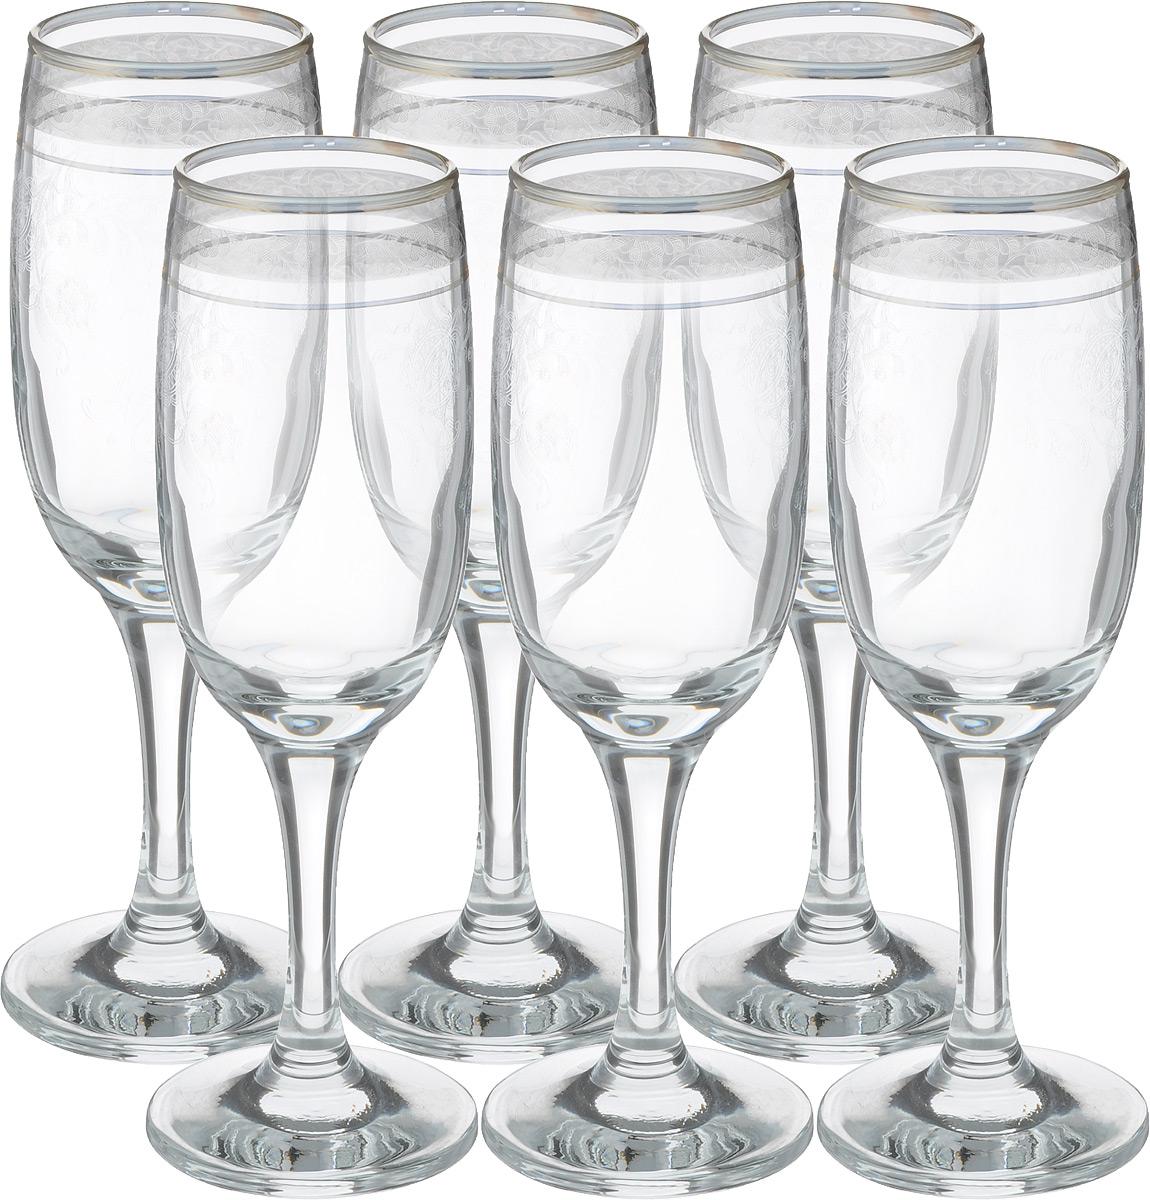 Набор бокалов Гусь Хрустальный Нежность, 190 мл, 6 штVT-1520(SR)Набор Гусь-Хрустальный Нежность состоит из 6 бокалов на длинных тонких ножках, изготовленных из высококачественного натрий-кальций-силикатного стекла. Изделия оформлены красивым зеркальным покрытием и прозрачным орнаментом. Бокалы предназначены для шампанского или вина. Такой набор прекрасно дополнит праздничный стол и станет желанным подарком в любом доме. Разрешается мыть в посудомоечной машине. Диаметр бокала (по верхнему краю): 5 см. Высота бокала: 18,5 см.